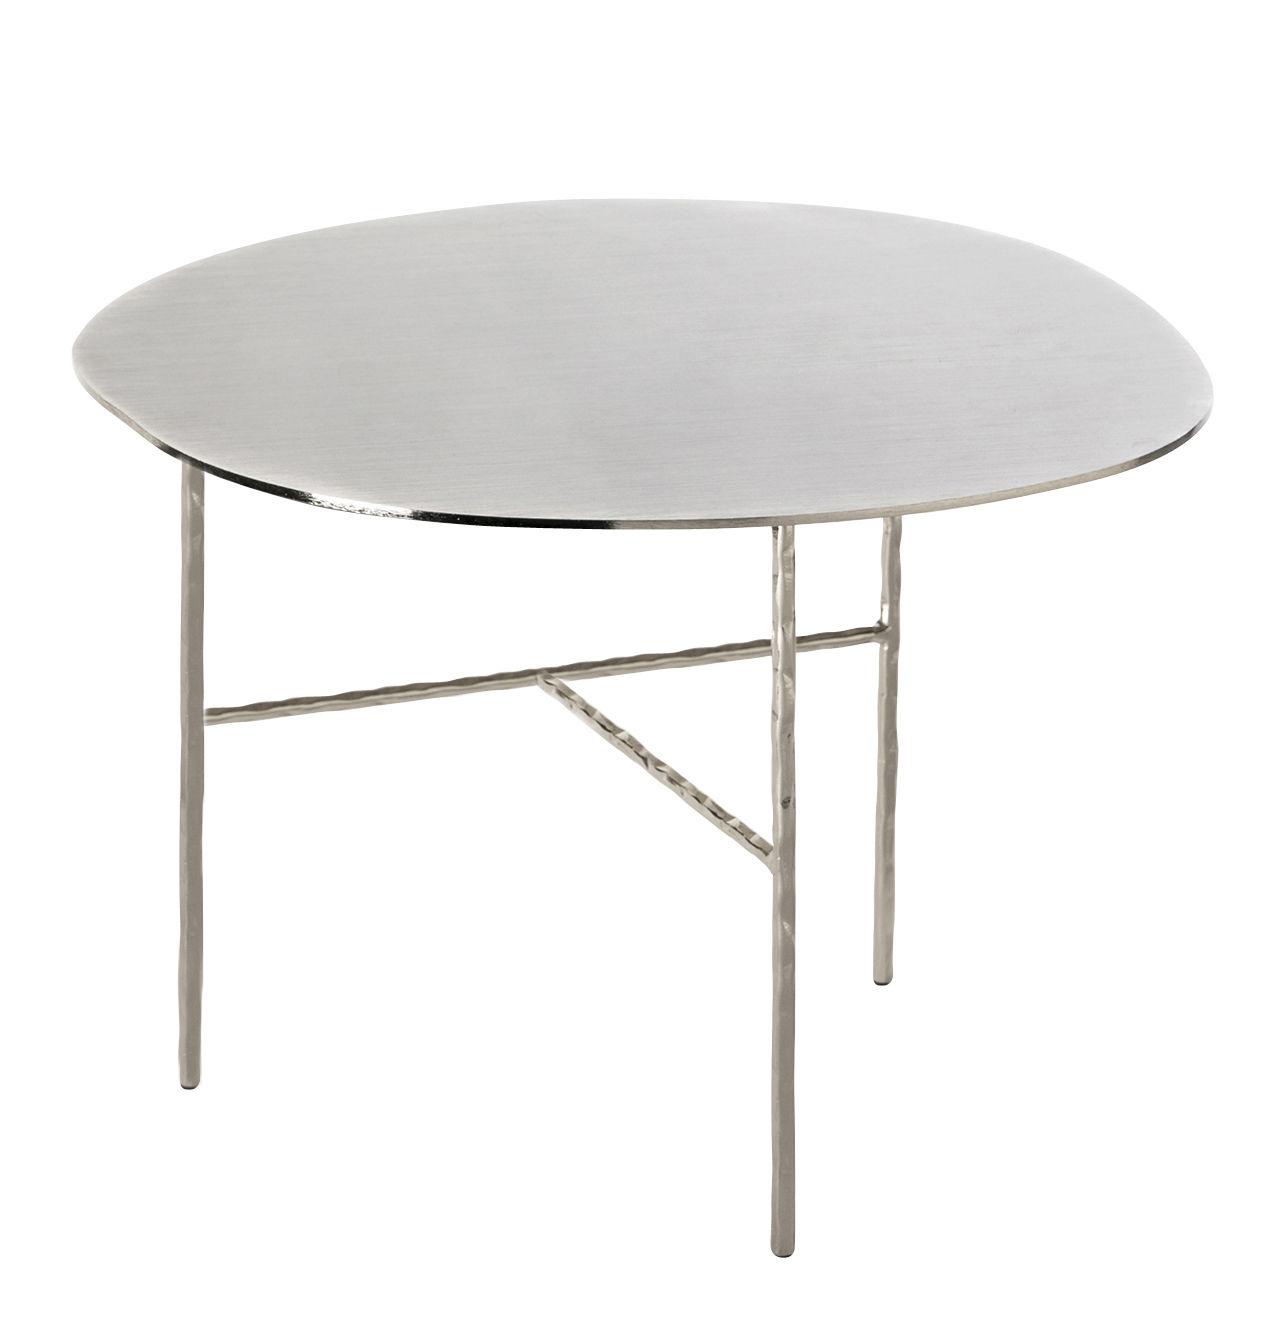 Möbel - Couchtische - XXX Large Couchtisch / Ø 52 cm x H 38 cm - Opinion Ciatti - Nickel - Nickel galvanisé, Schmiedearbeit